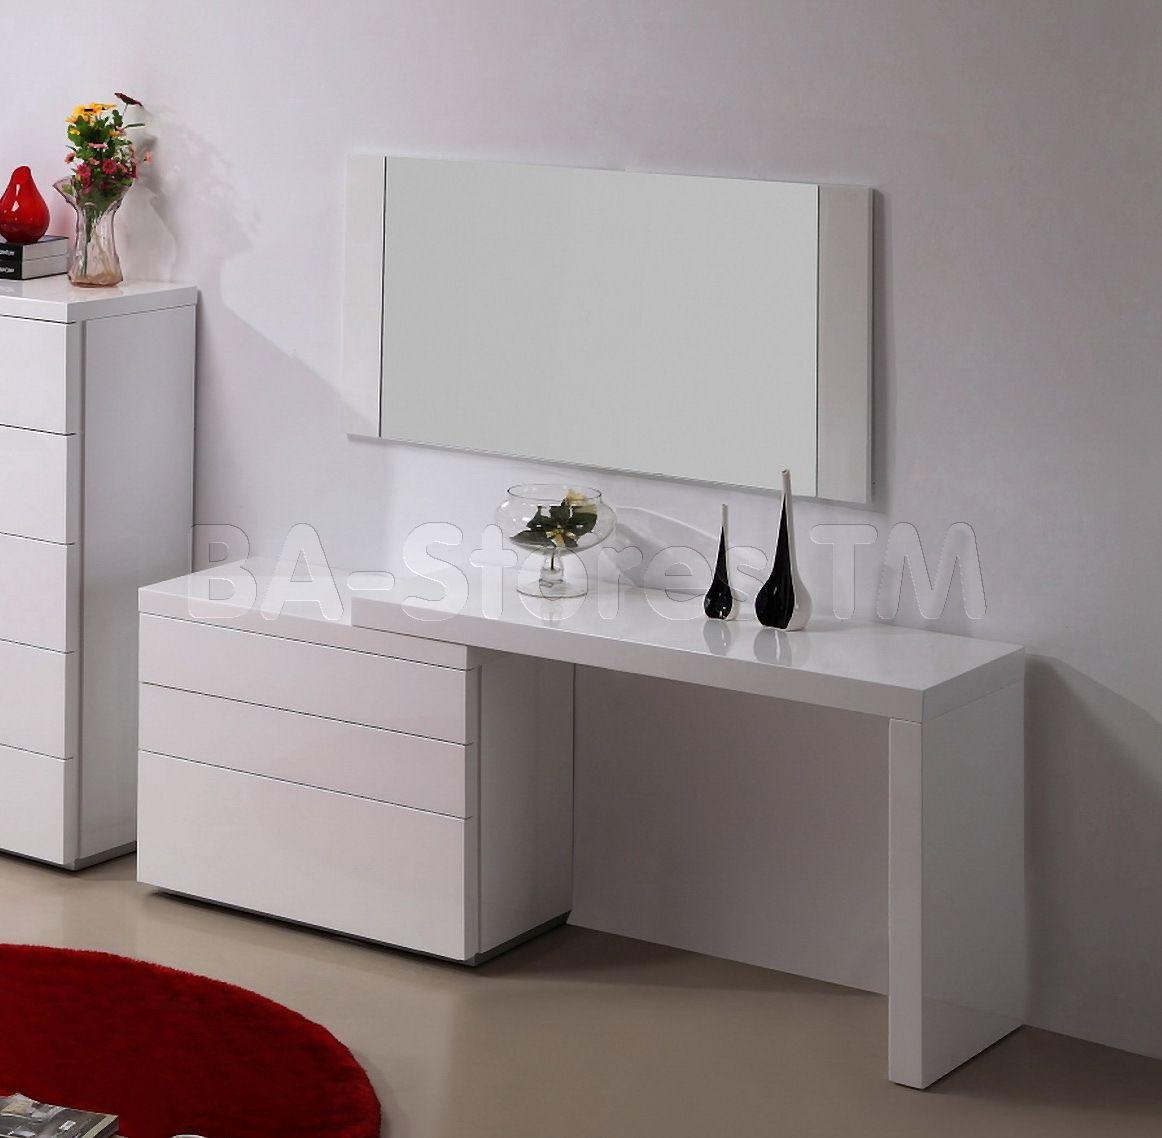 Vanity Nightstand For Next To Bed White Bedroom Vanity Bedroom